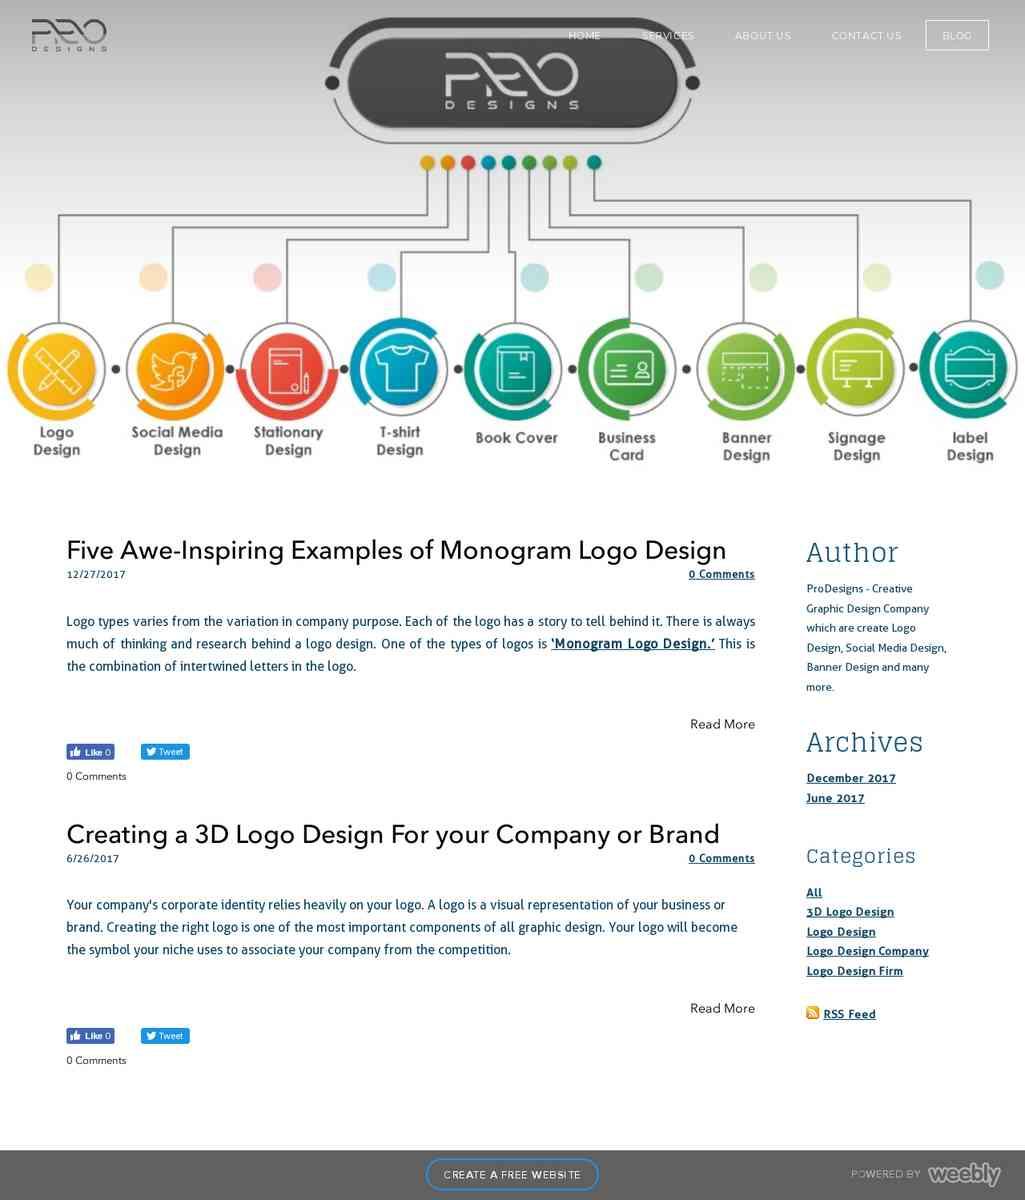 Five Awe-Inspiring Examples of Monogram Logo Design